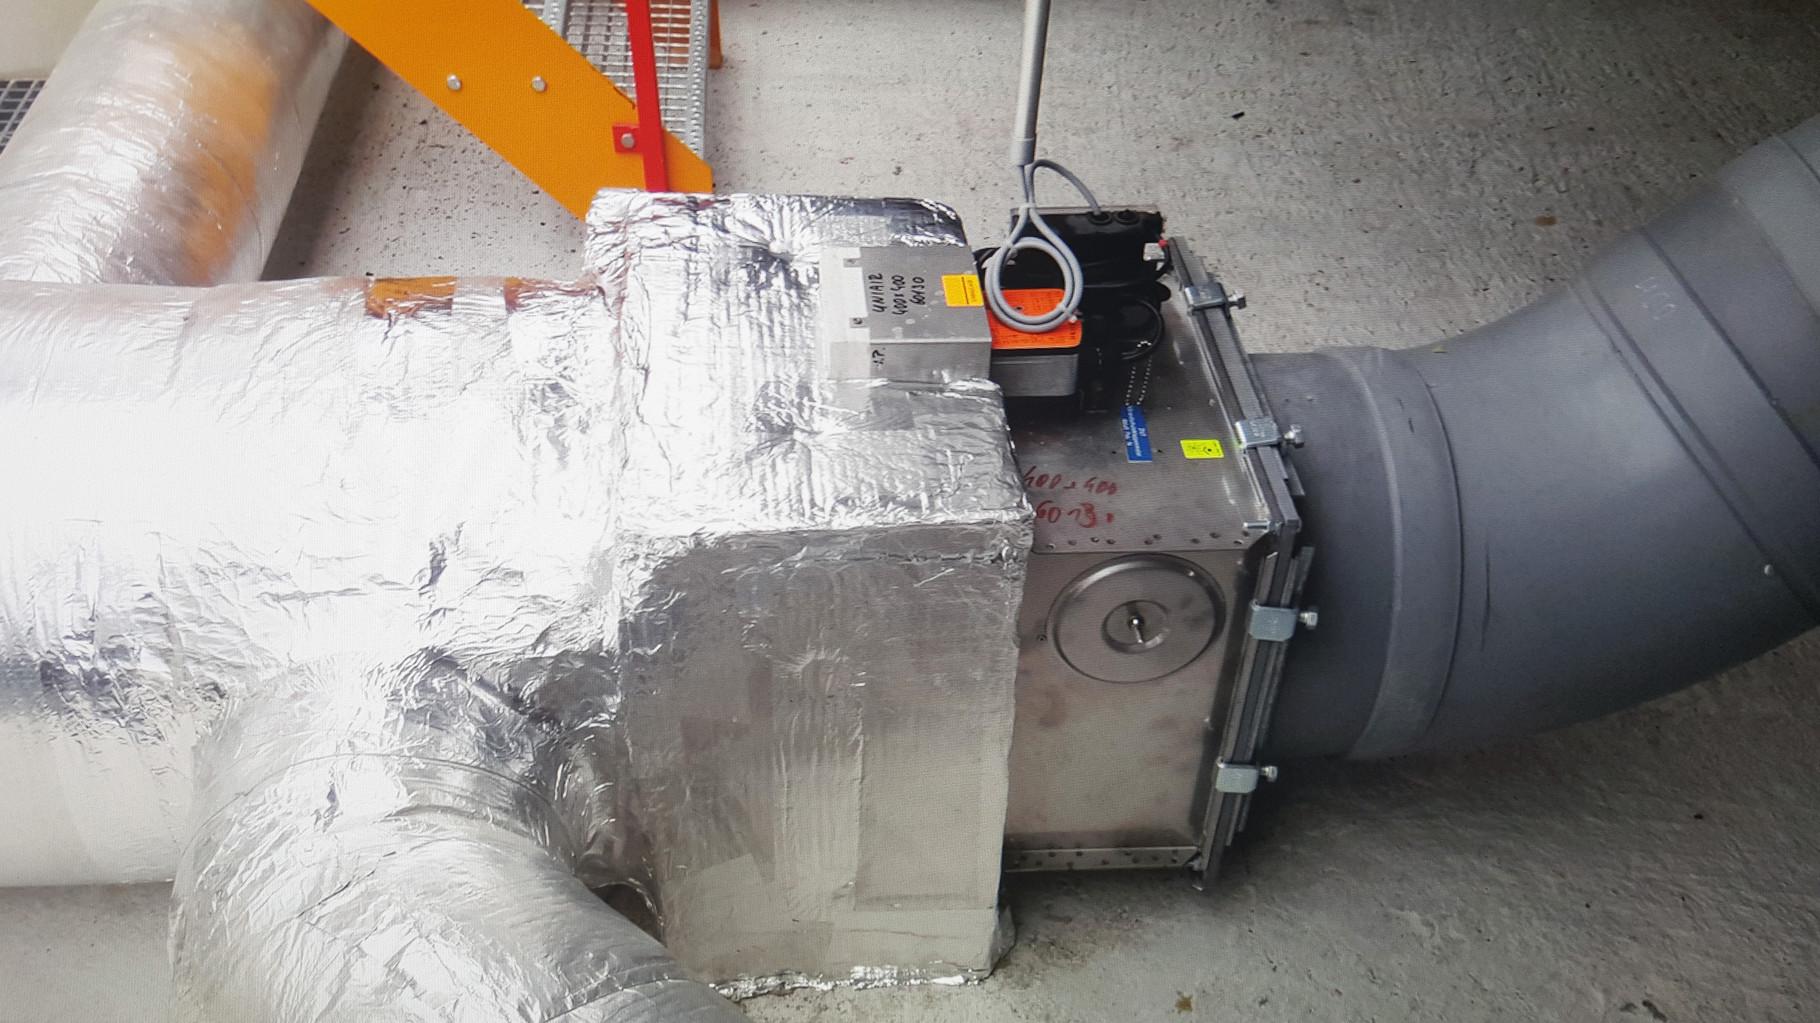 Lüftungsanlage mit säurebeständigem Kunststoffrohr und Brandschutzklappe